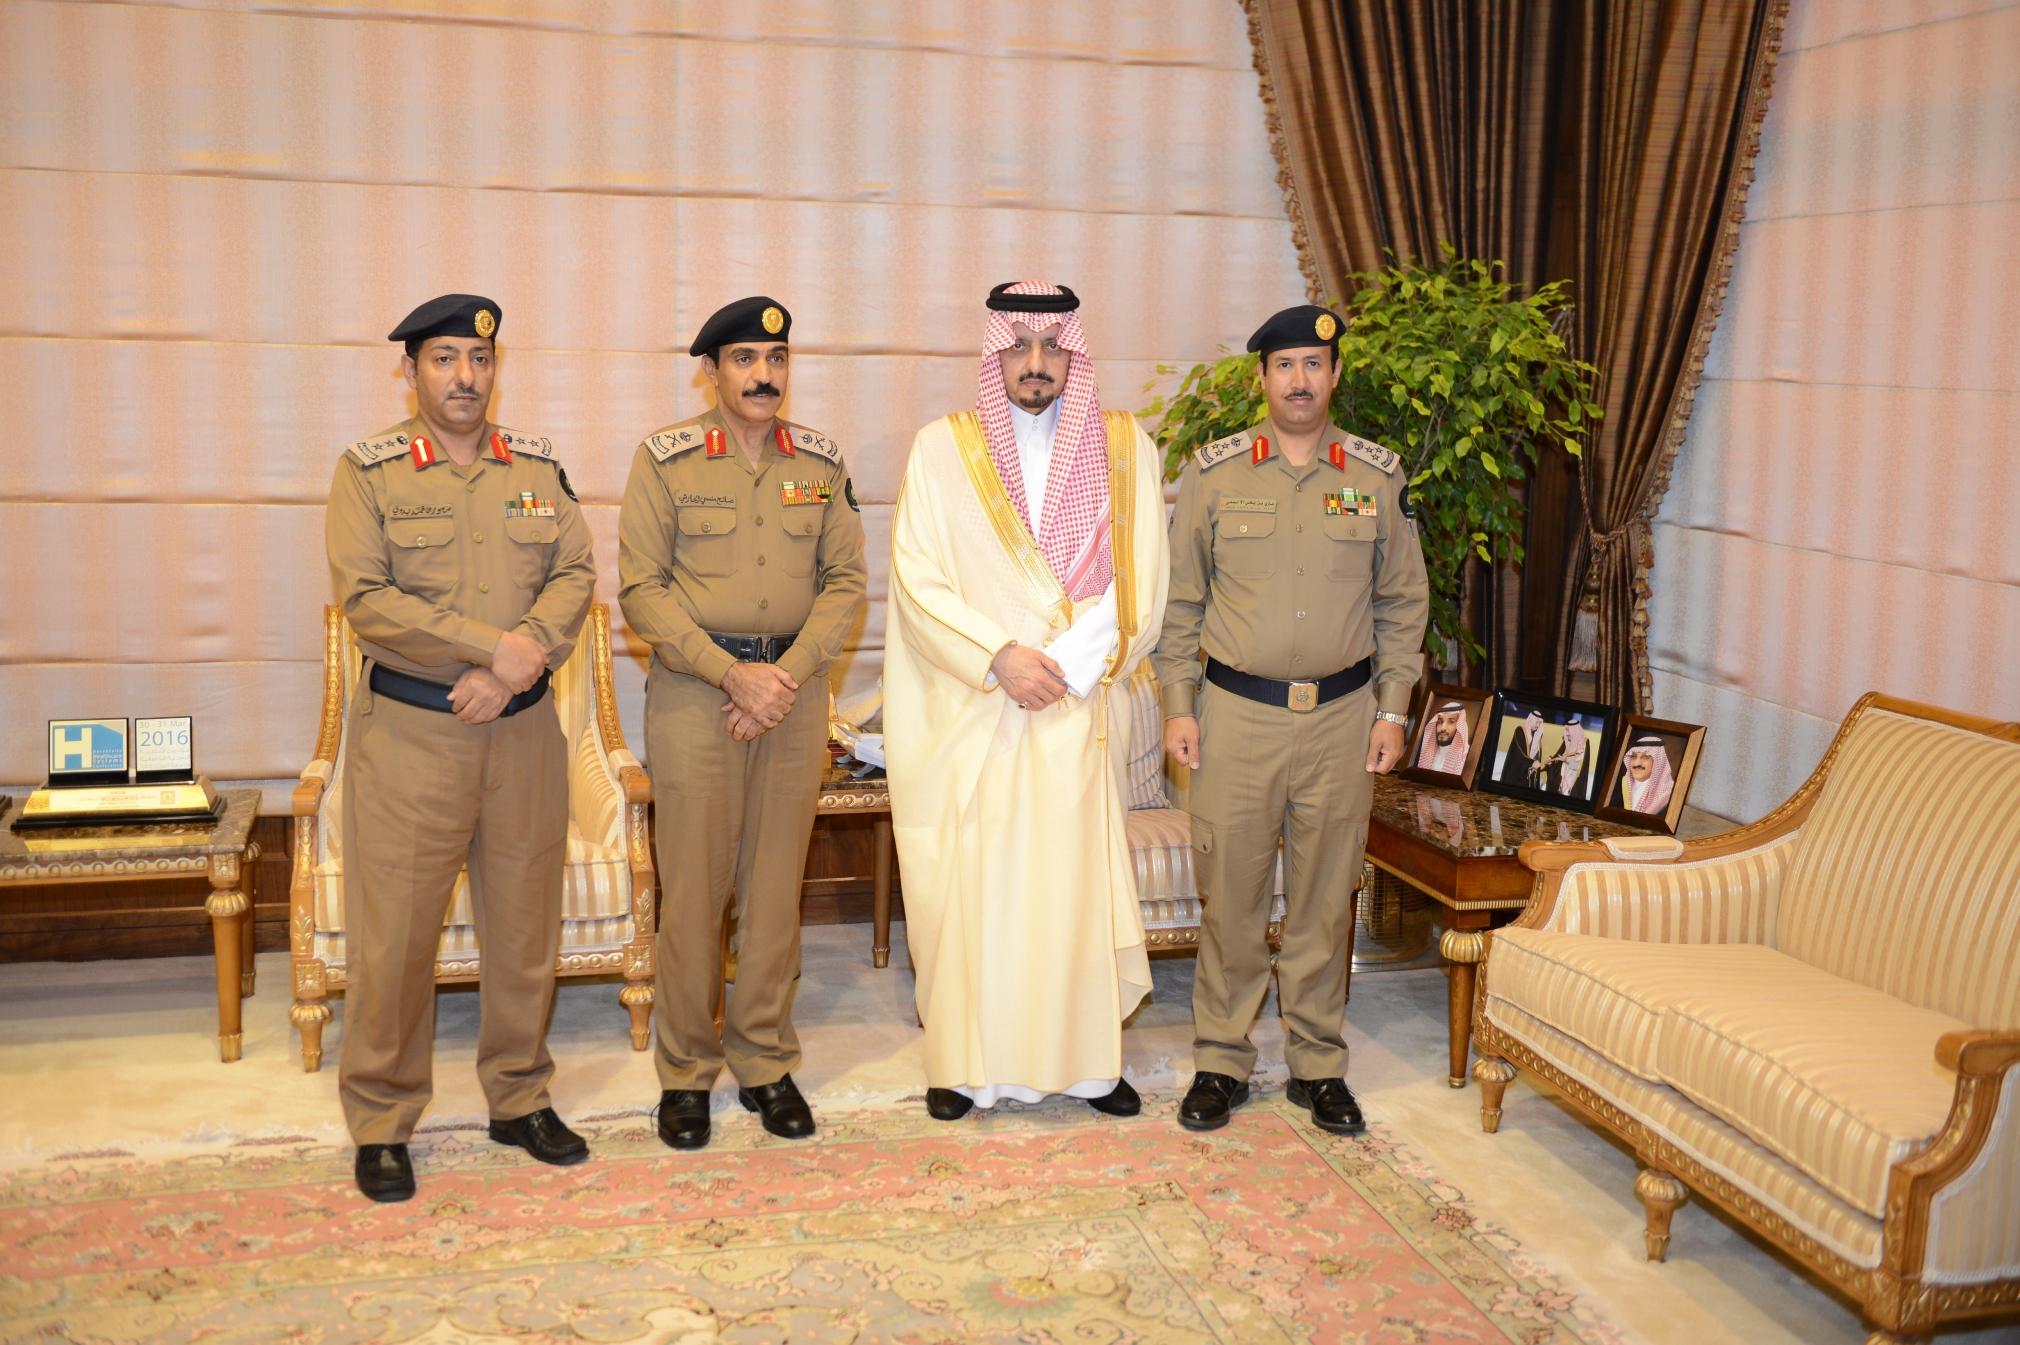 أمير عسير يستقبل مدير الدفاع المدني بالمنطقة (5)